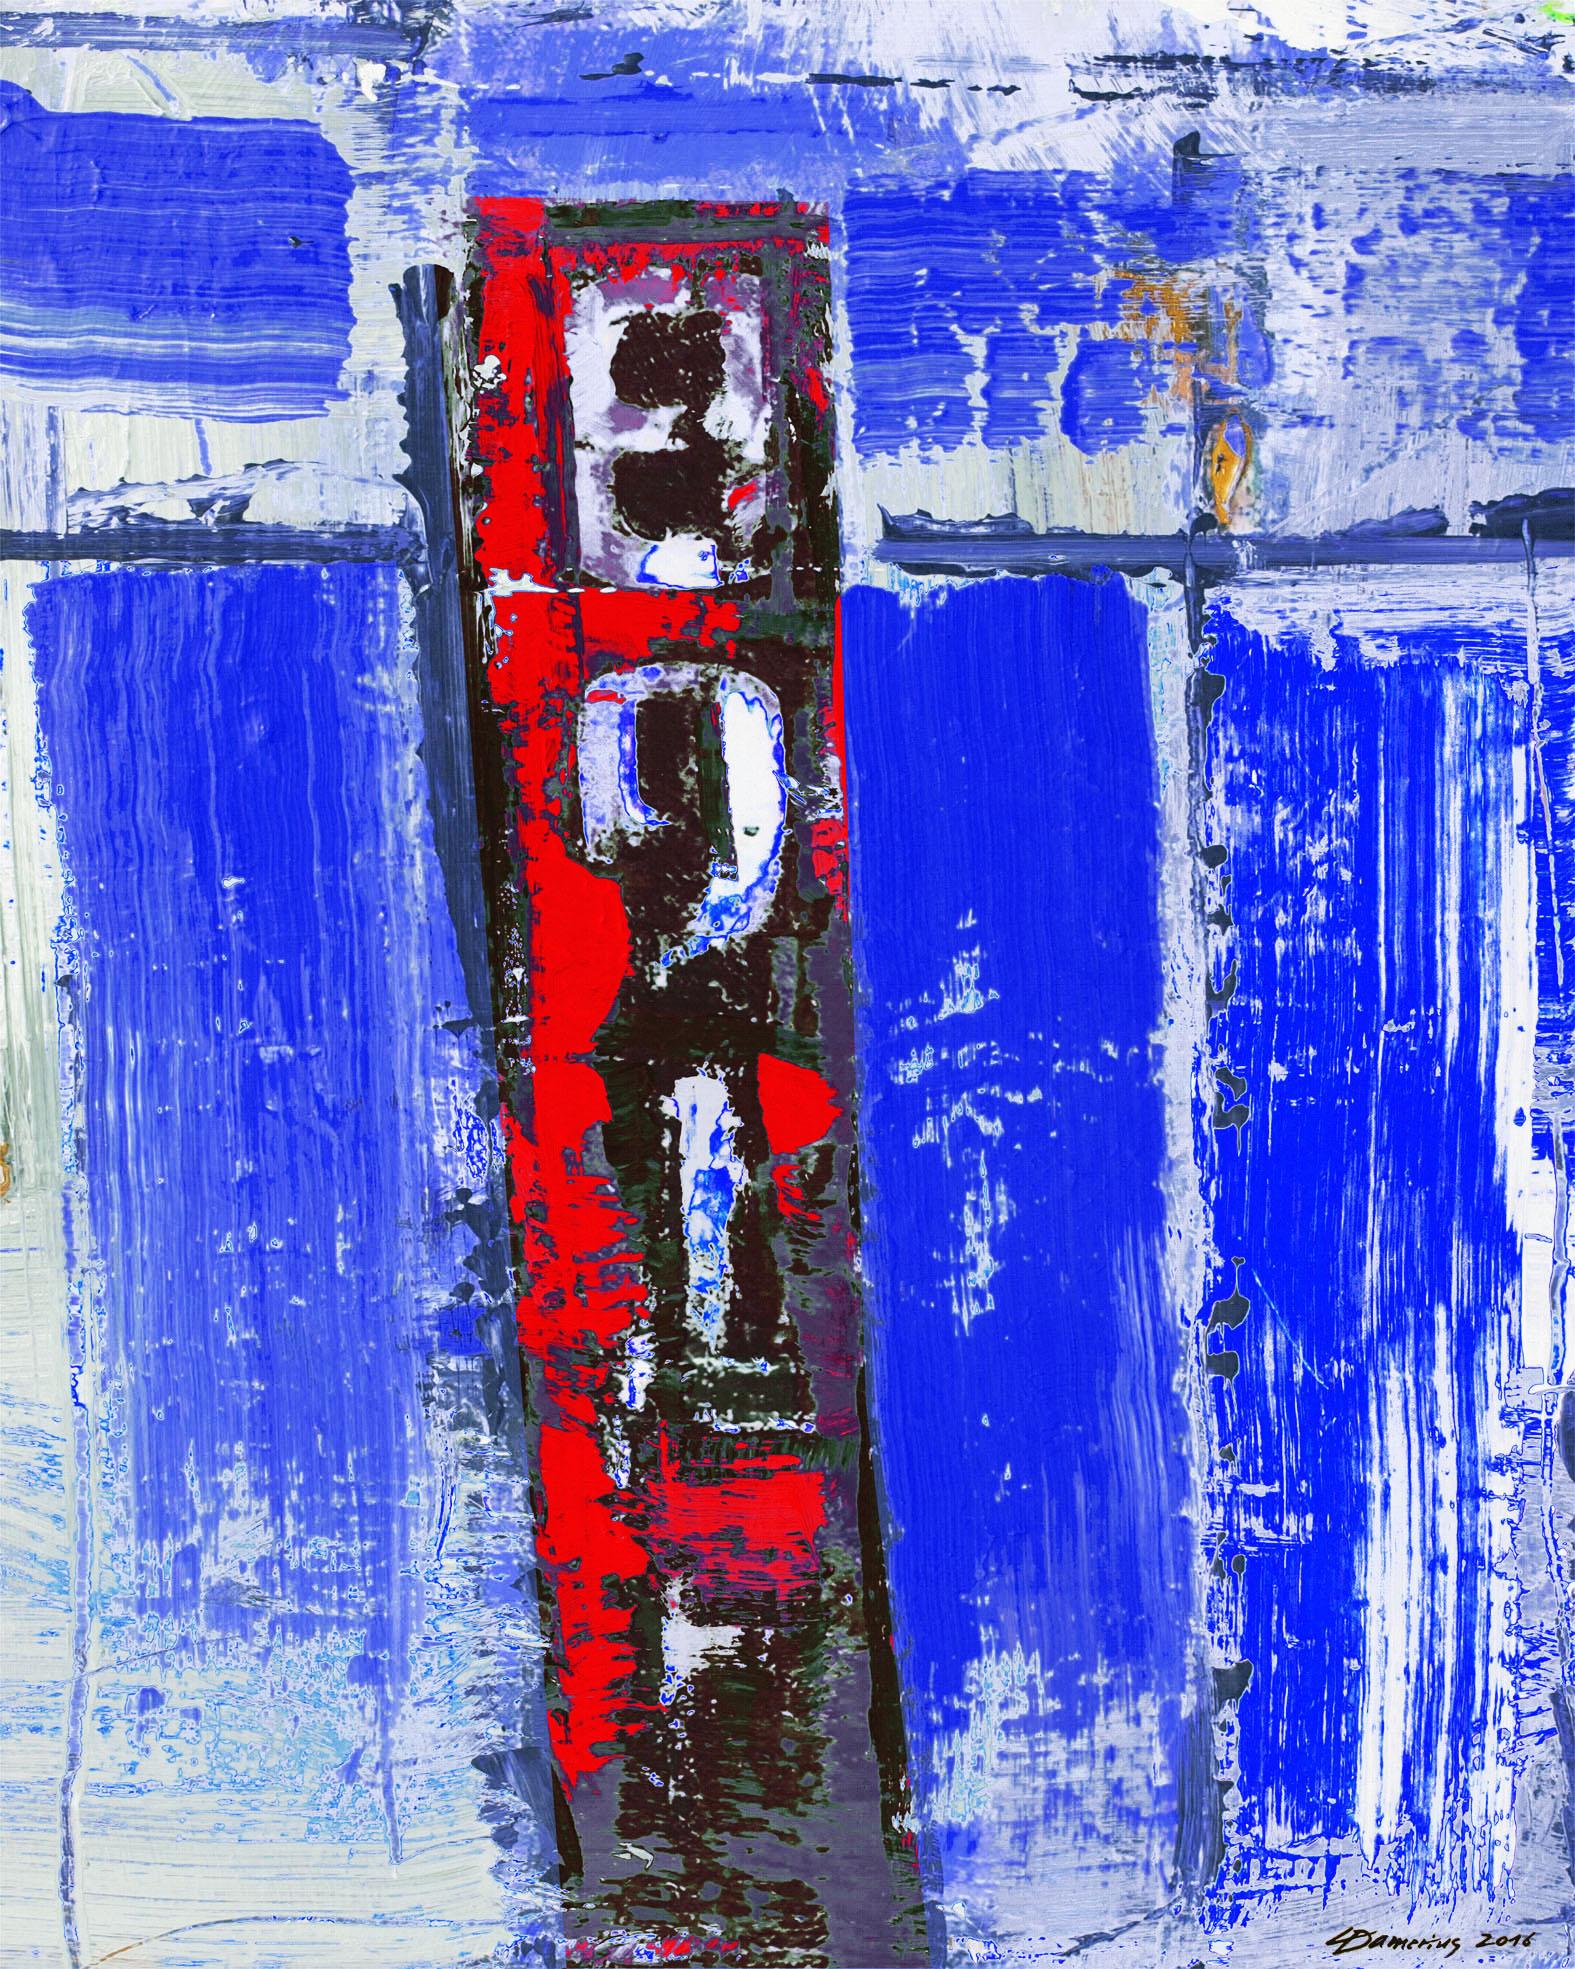 KUNSTDRUCKE HAMBURGER HAFEN,CHRISTIAN DAMERIUS,HAFEN HAMBURG IMPRESSION 4,kunstdrucke hamburg motive,Bilder für Büros,LEINWANDDRUCKE GALERIEQUALITÄT,MODERNE HAMBURGER KUNST,KUNSTGALERIE REINBEK